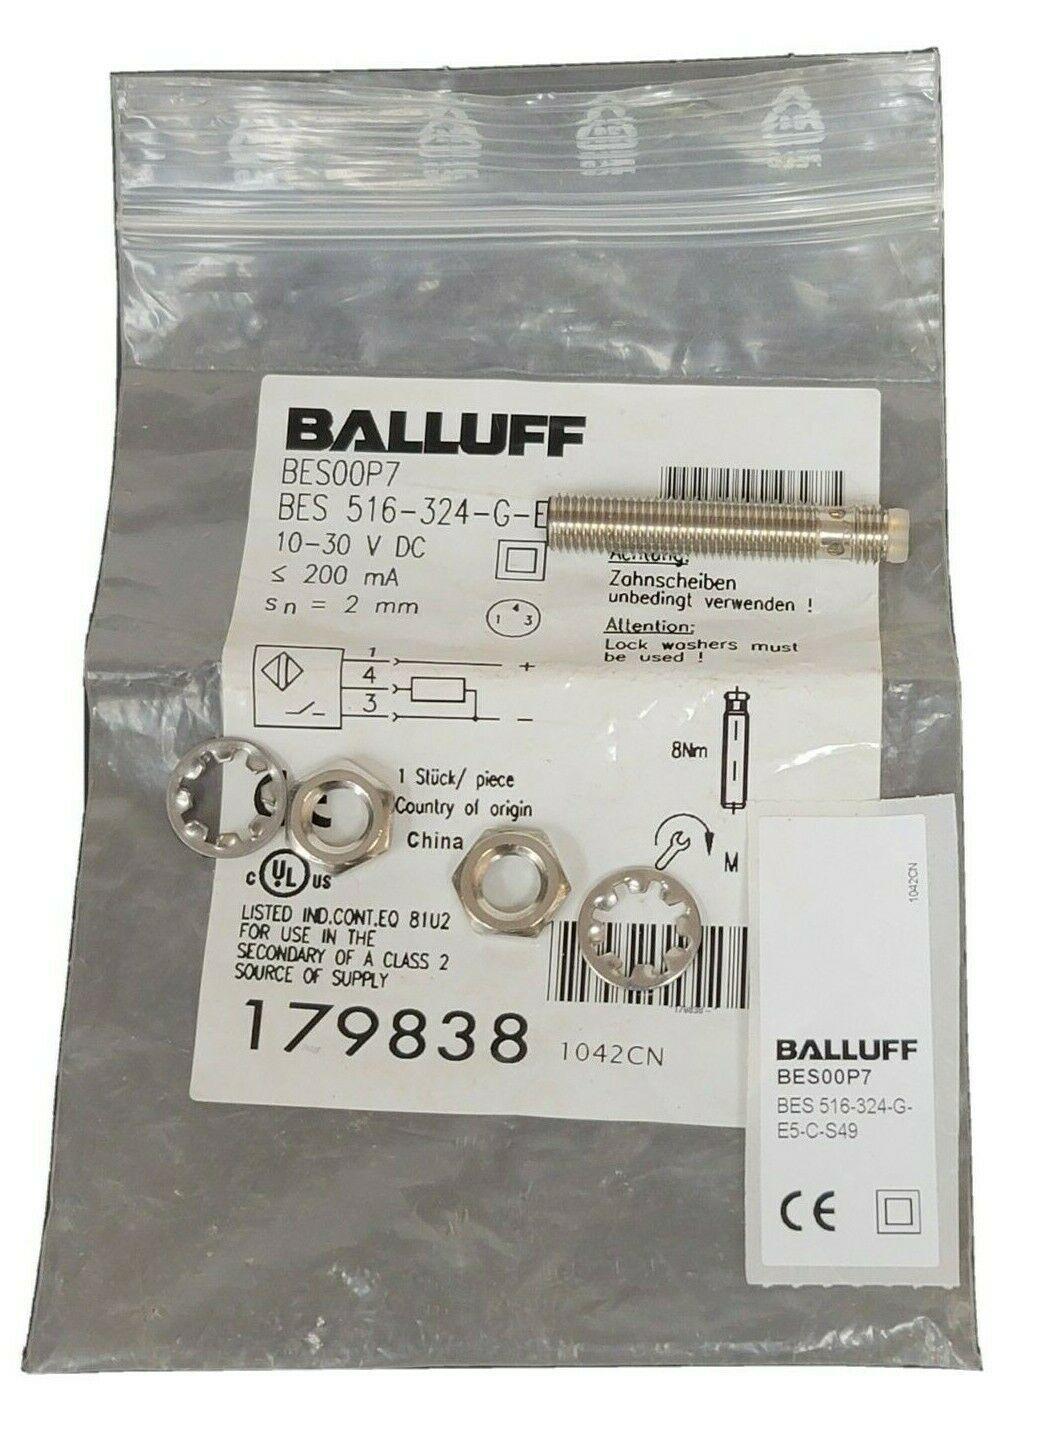 NEW BALLUFF BES 516-324-G-E5-C-S49 PROXIMITY SENSOR BES00P7 10-30VDC